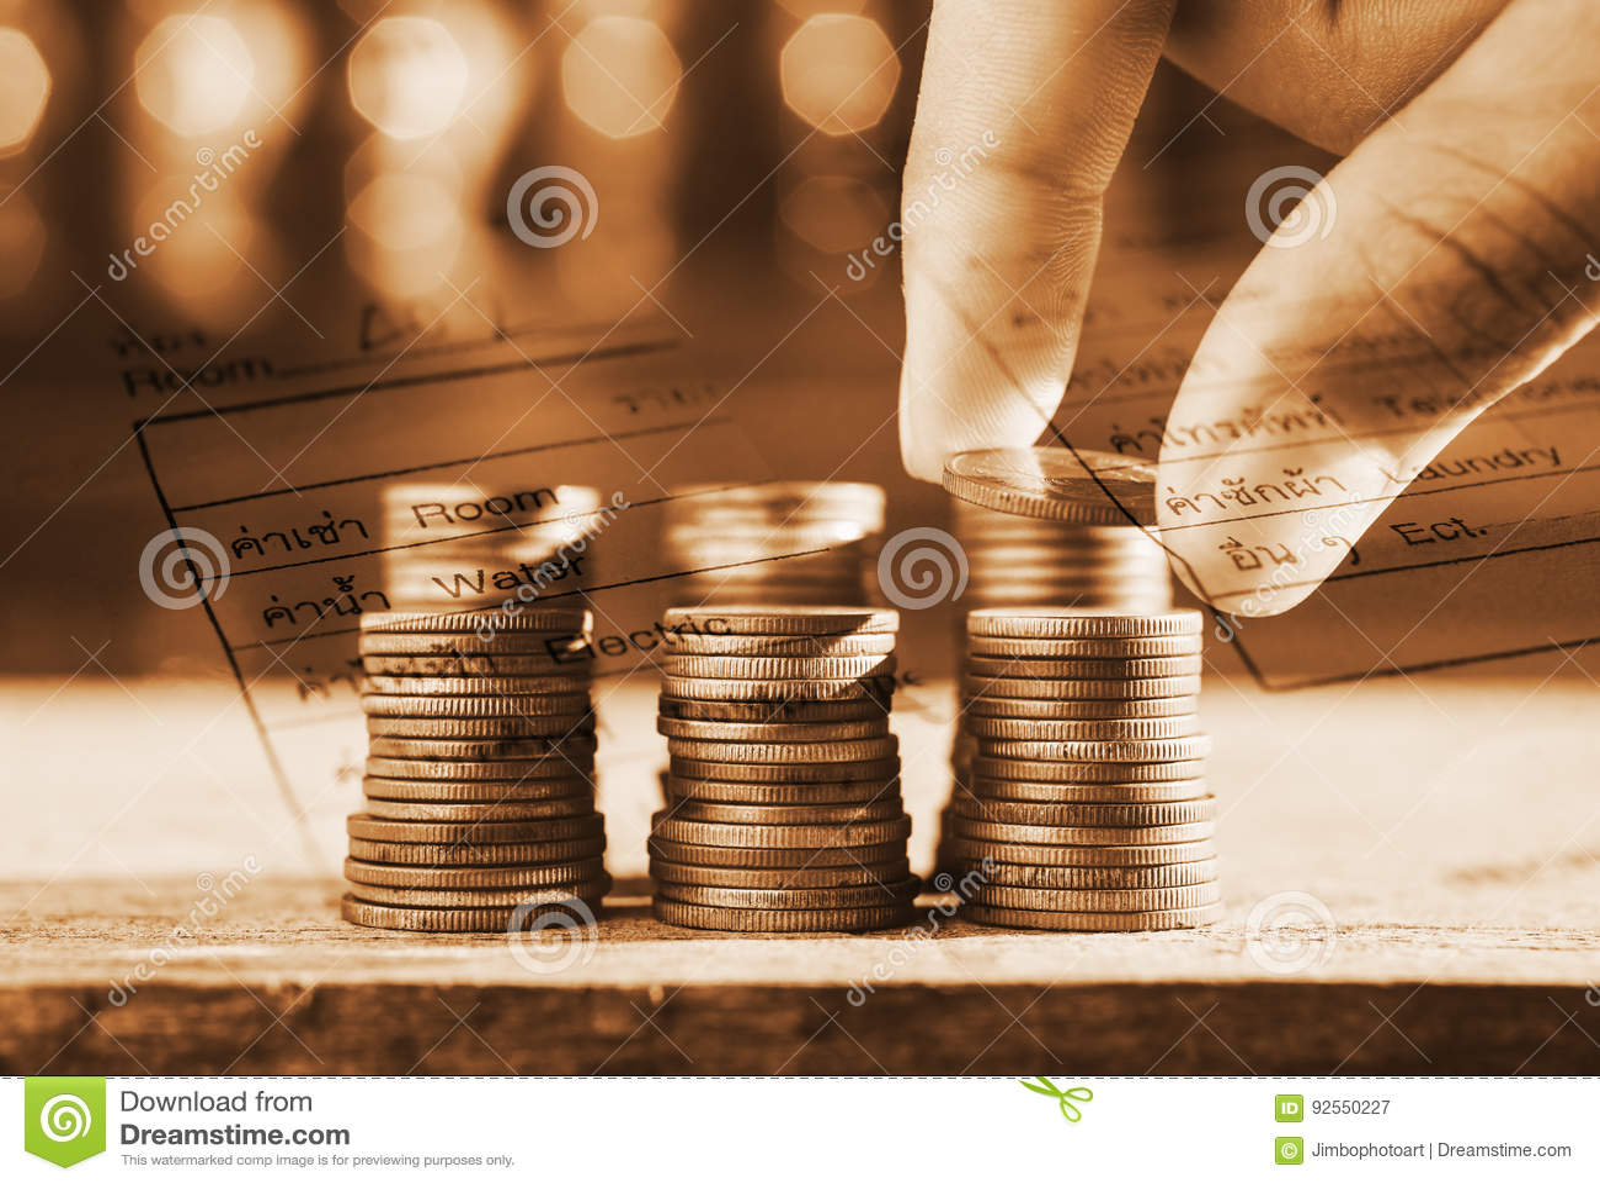 Risparmi i soldi e finanzi per preparano il concetto